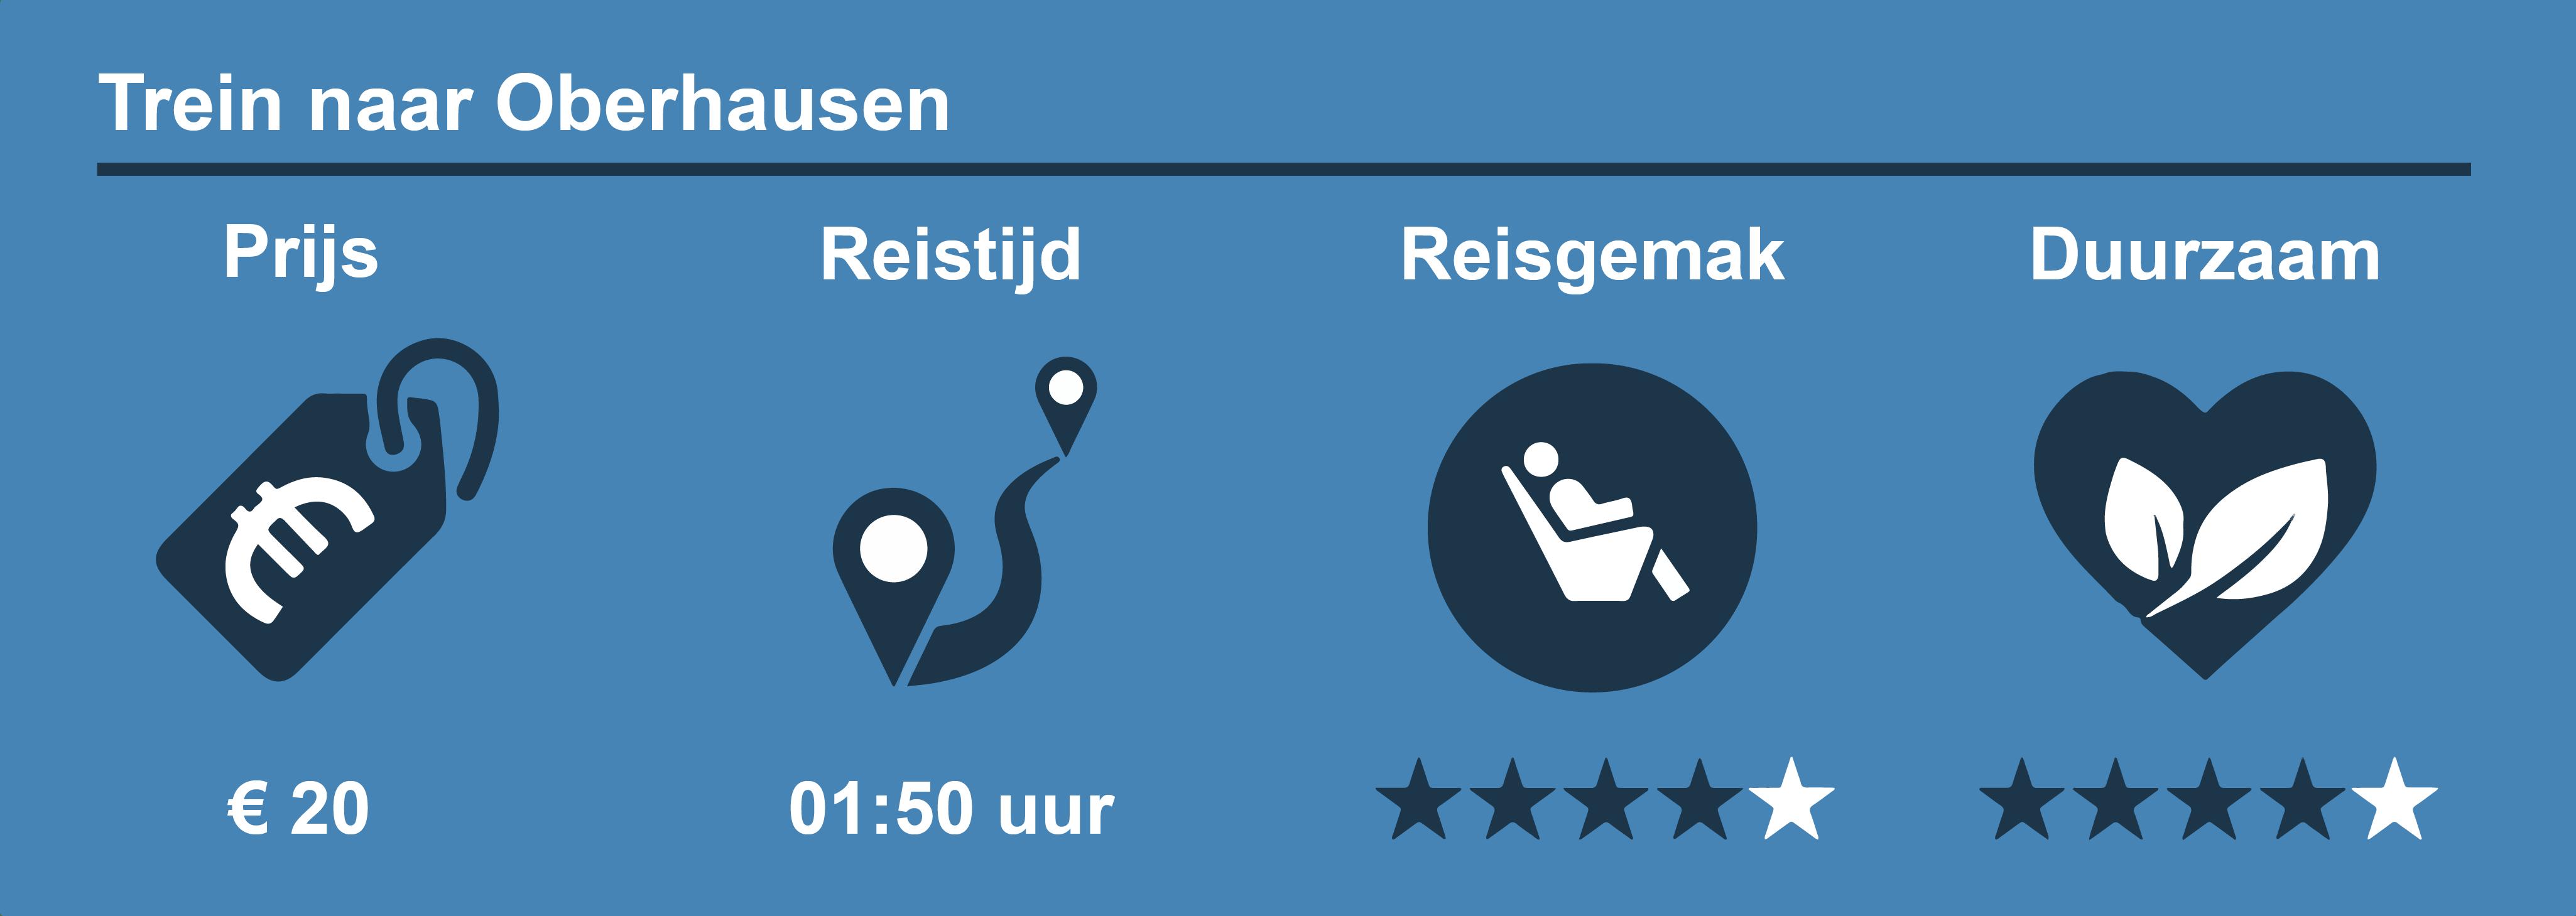 Trein Oberhausen Reisinformatie